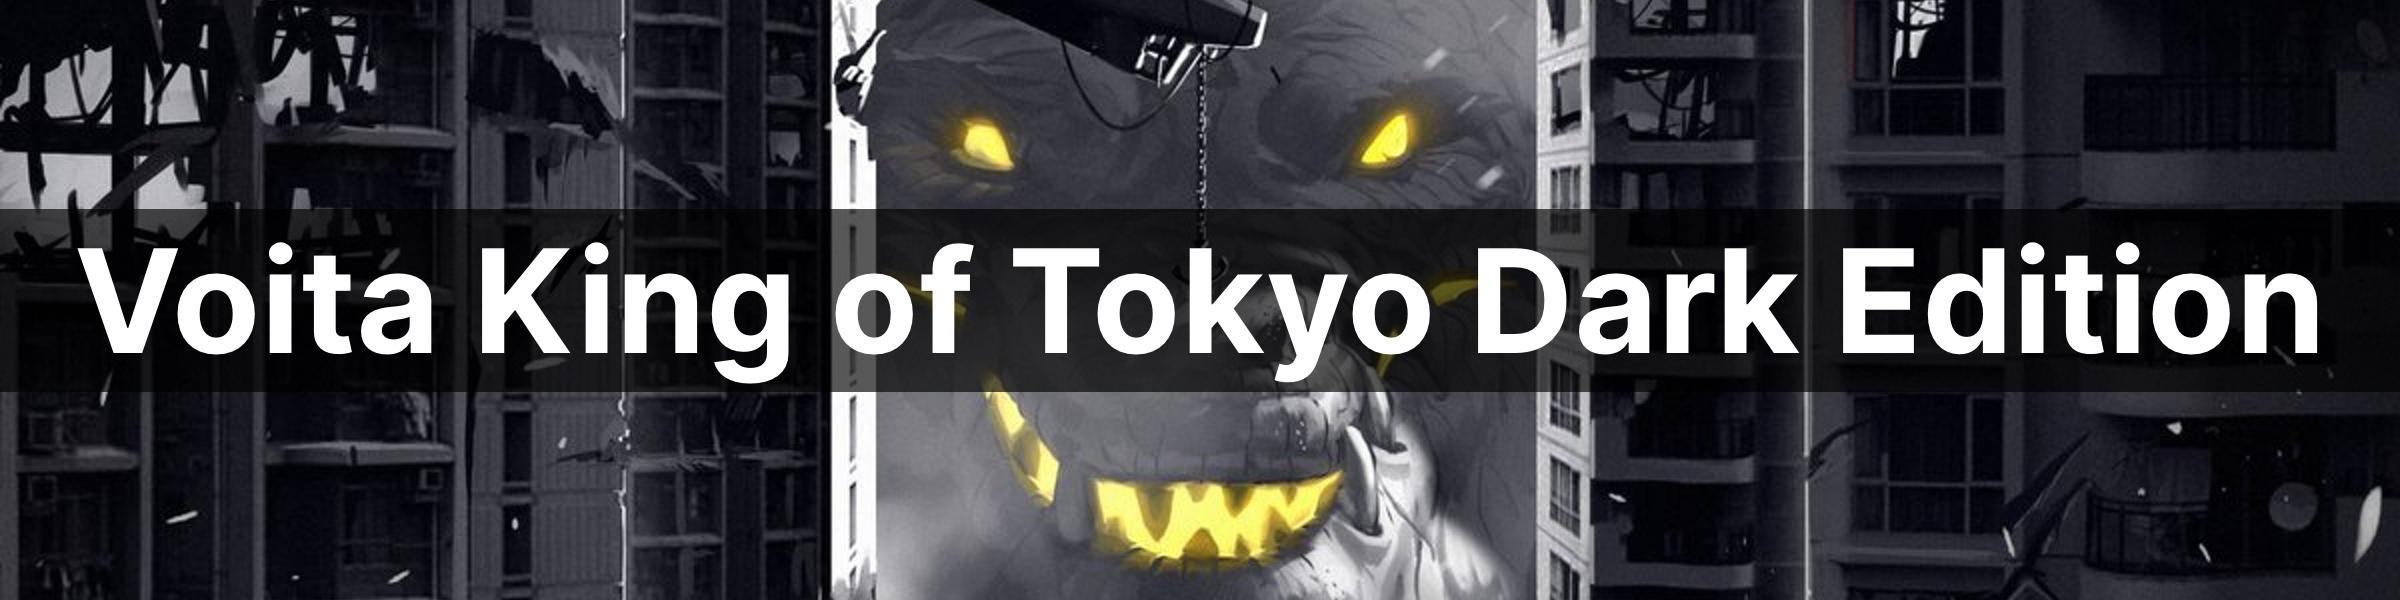 Voita King of Tokyo Dark Edition